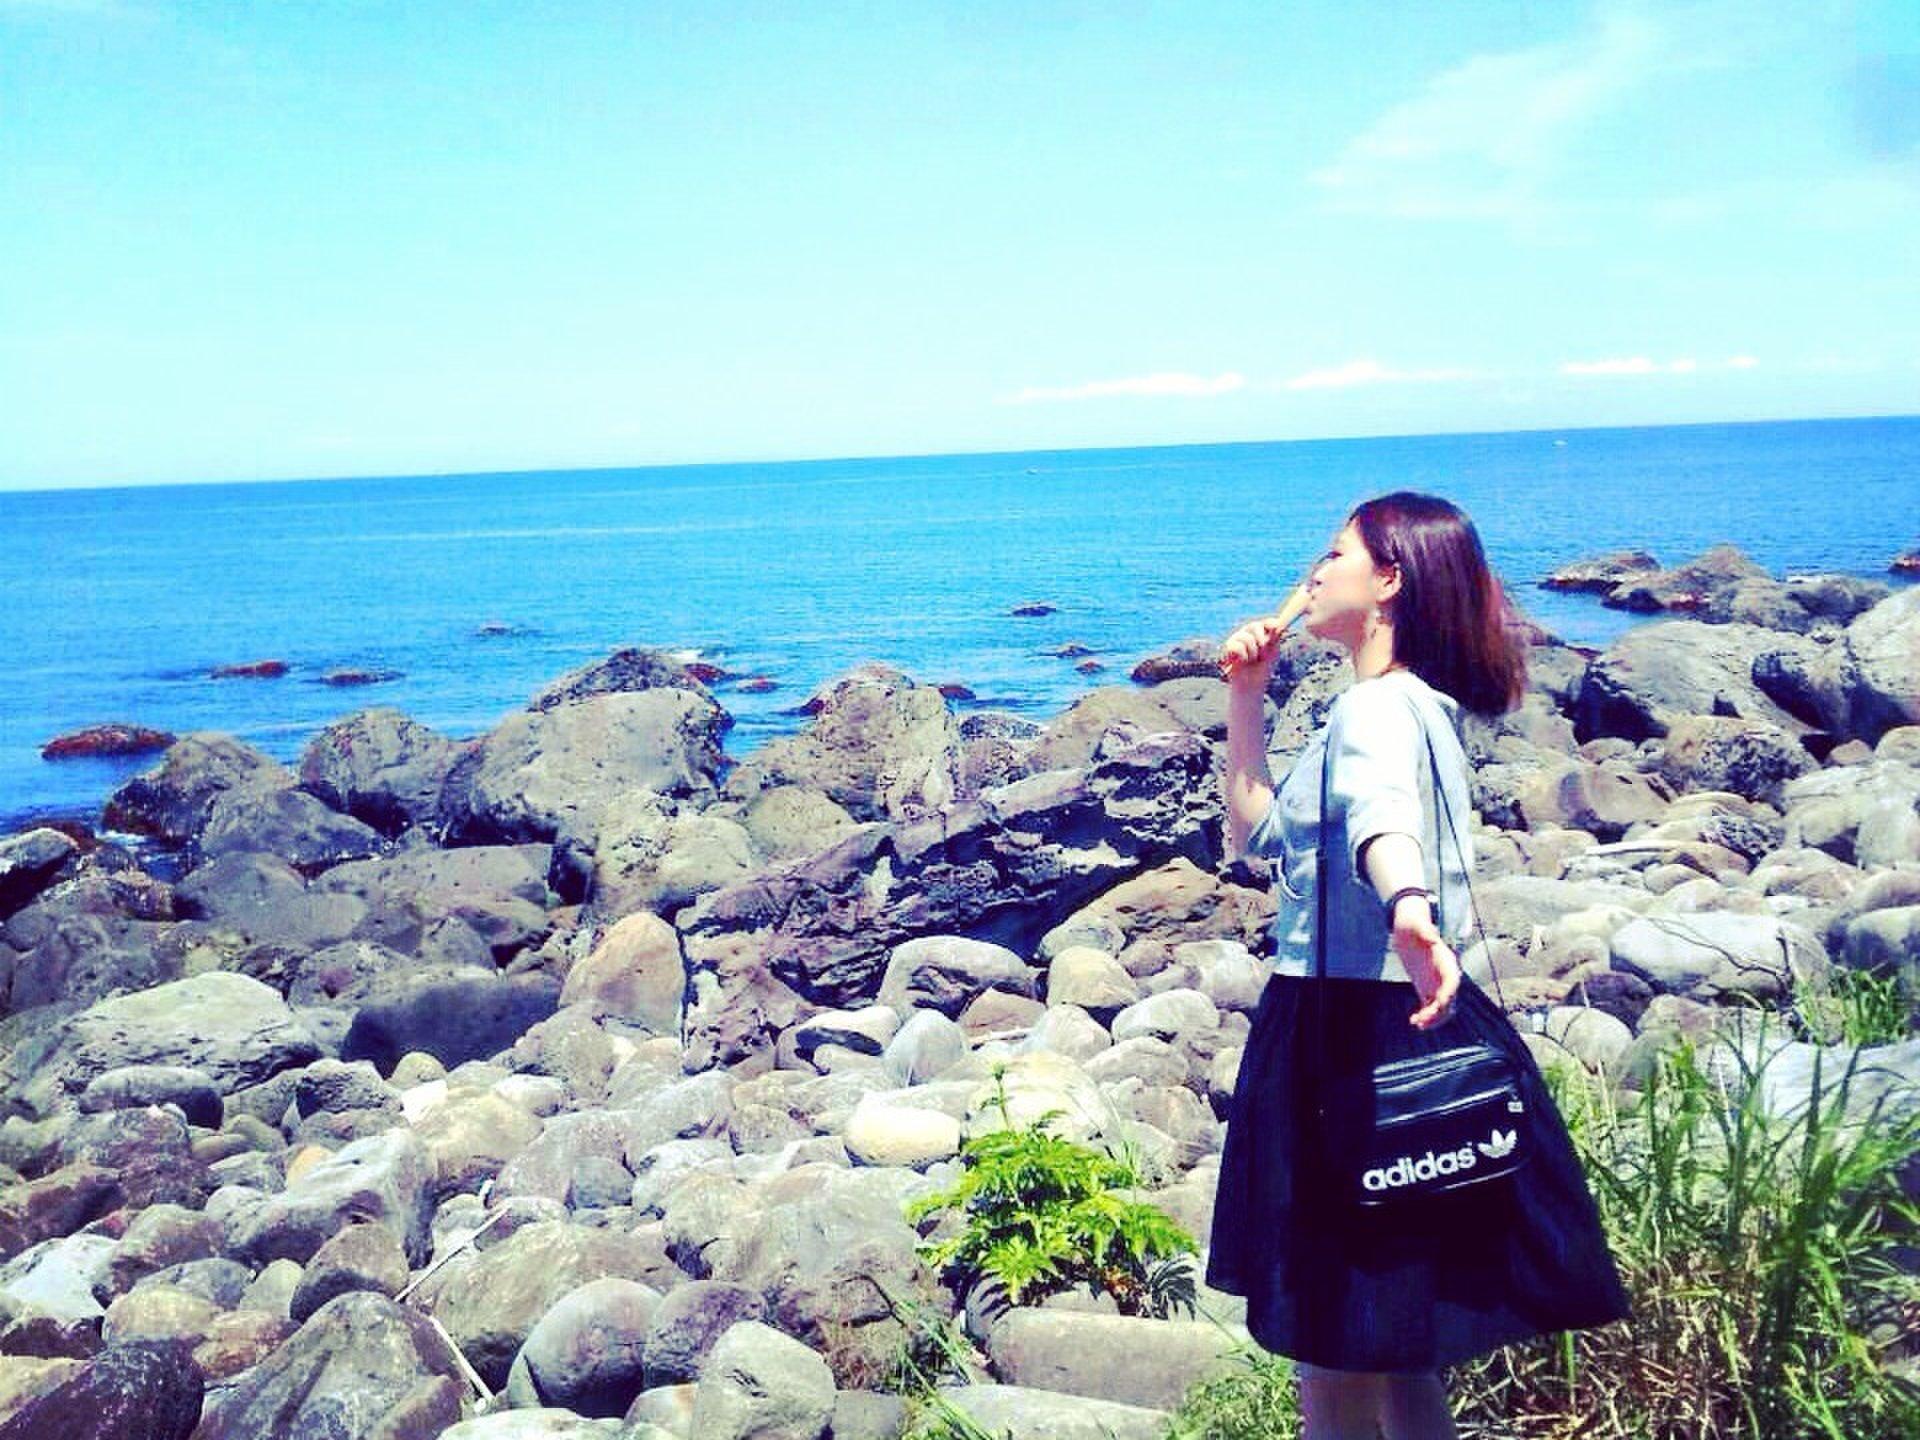 【熱海で温泉旅行!】初島や熱海城、春秋デートにぴったりなおすすめプラン!